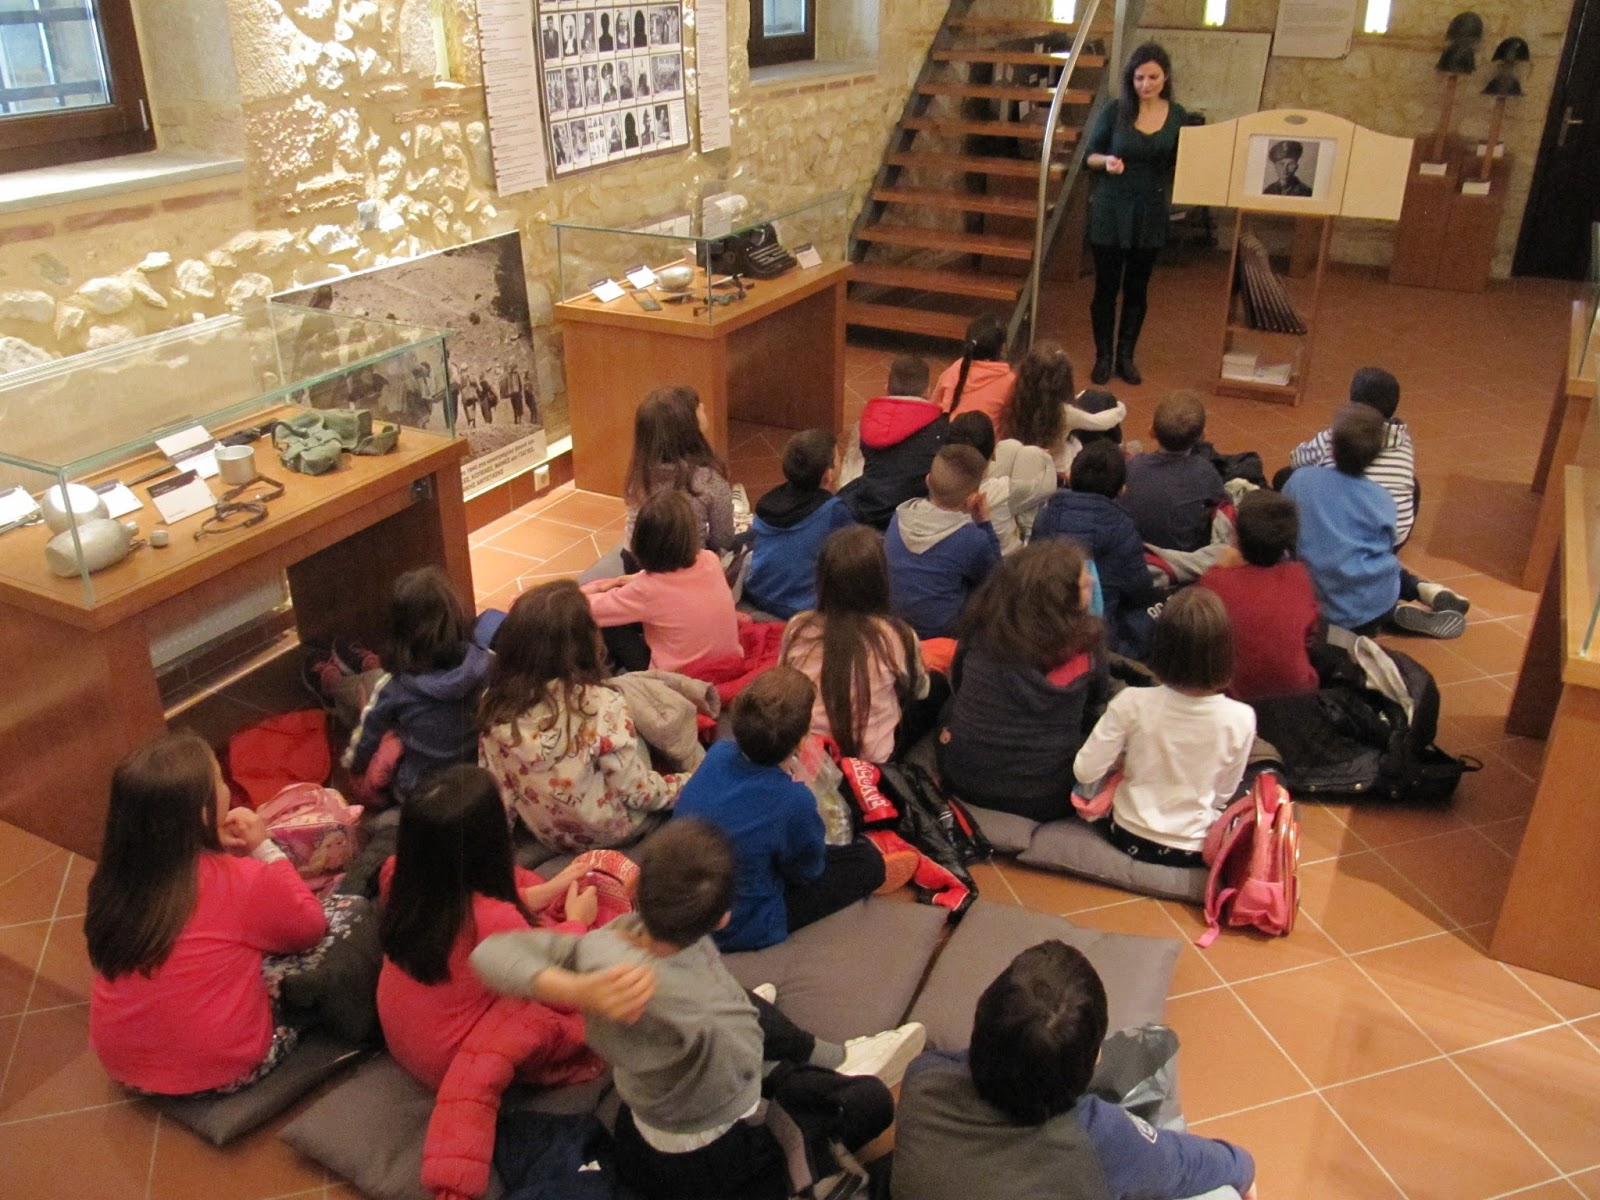 Επίσκεψη του 16ου Δημοτικού Σχολείου Λάρισας στο Μουσείο Εθνικής Αντίστασης